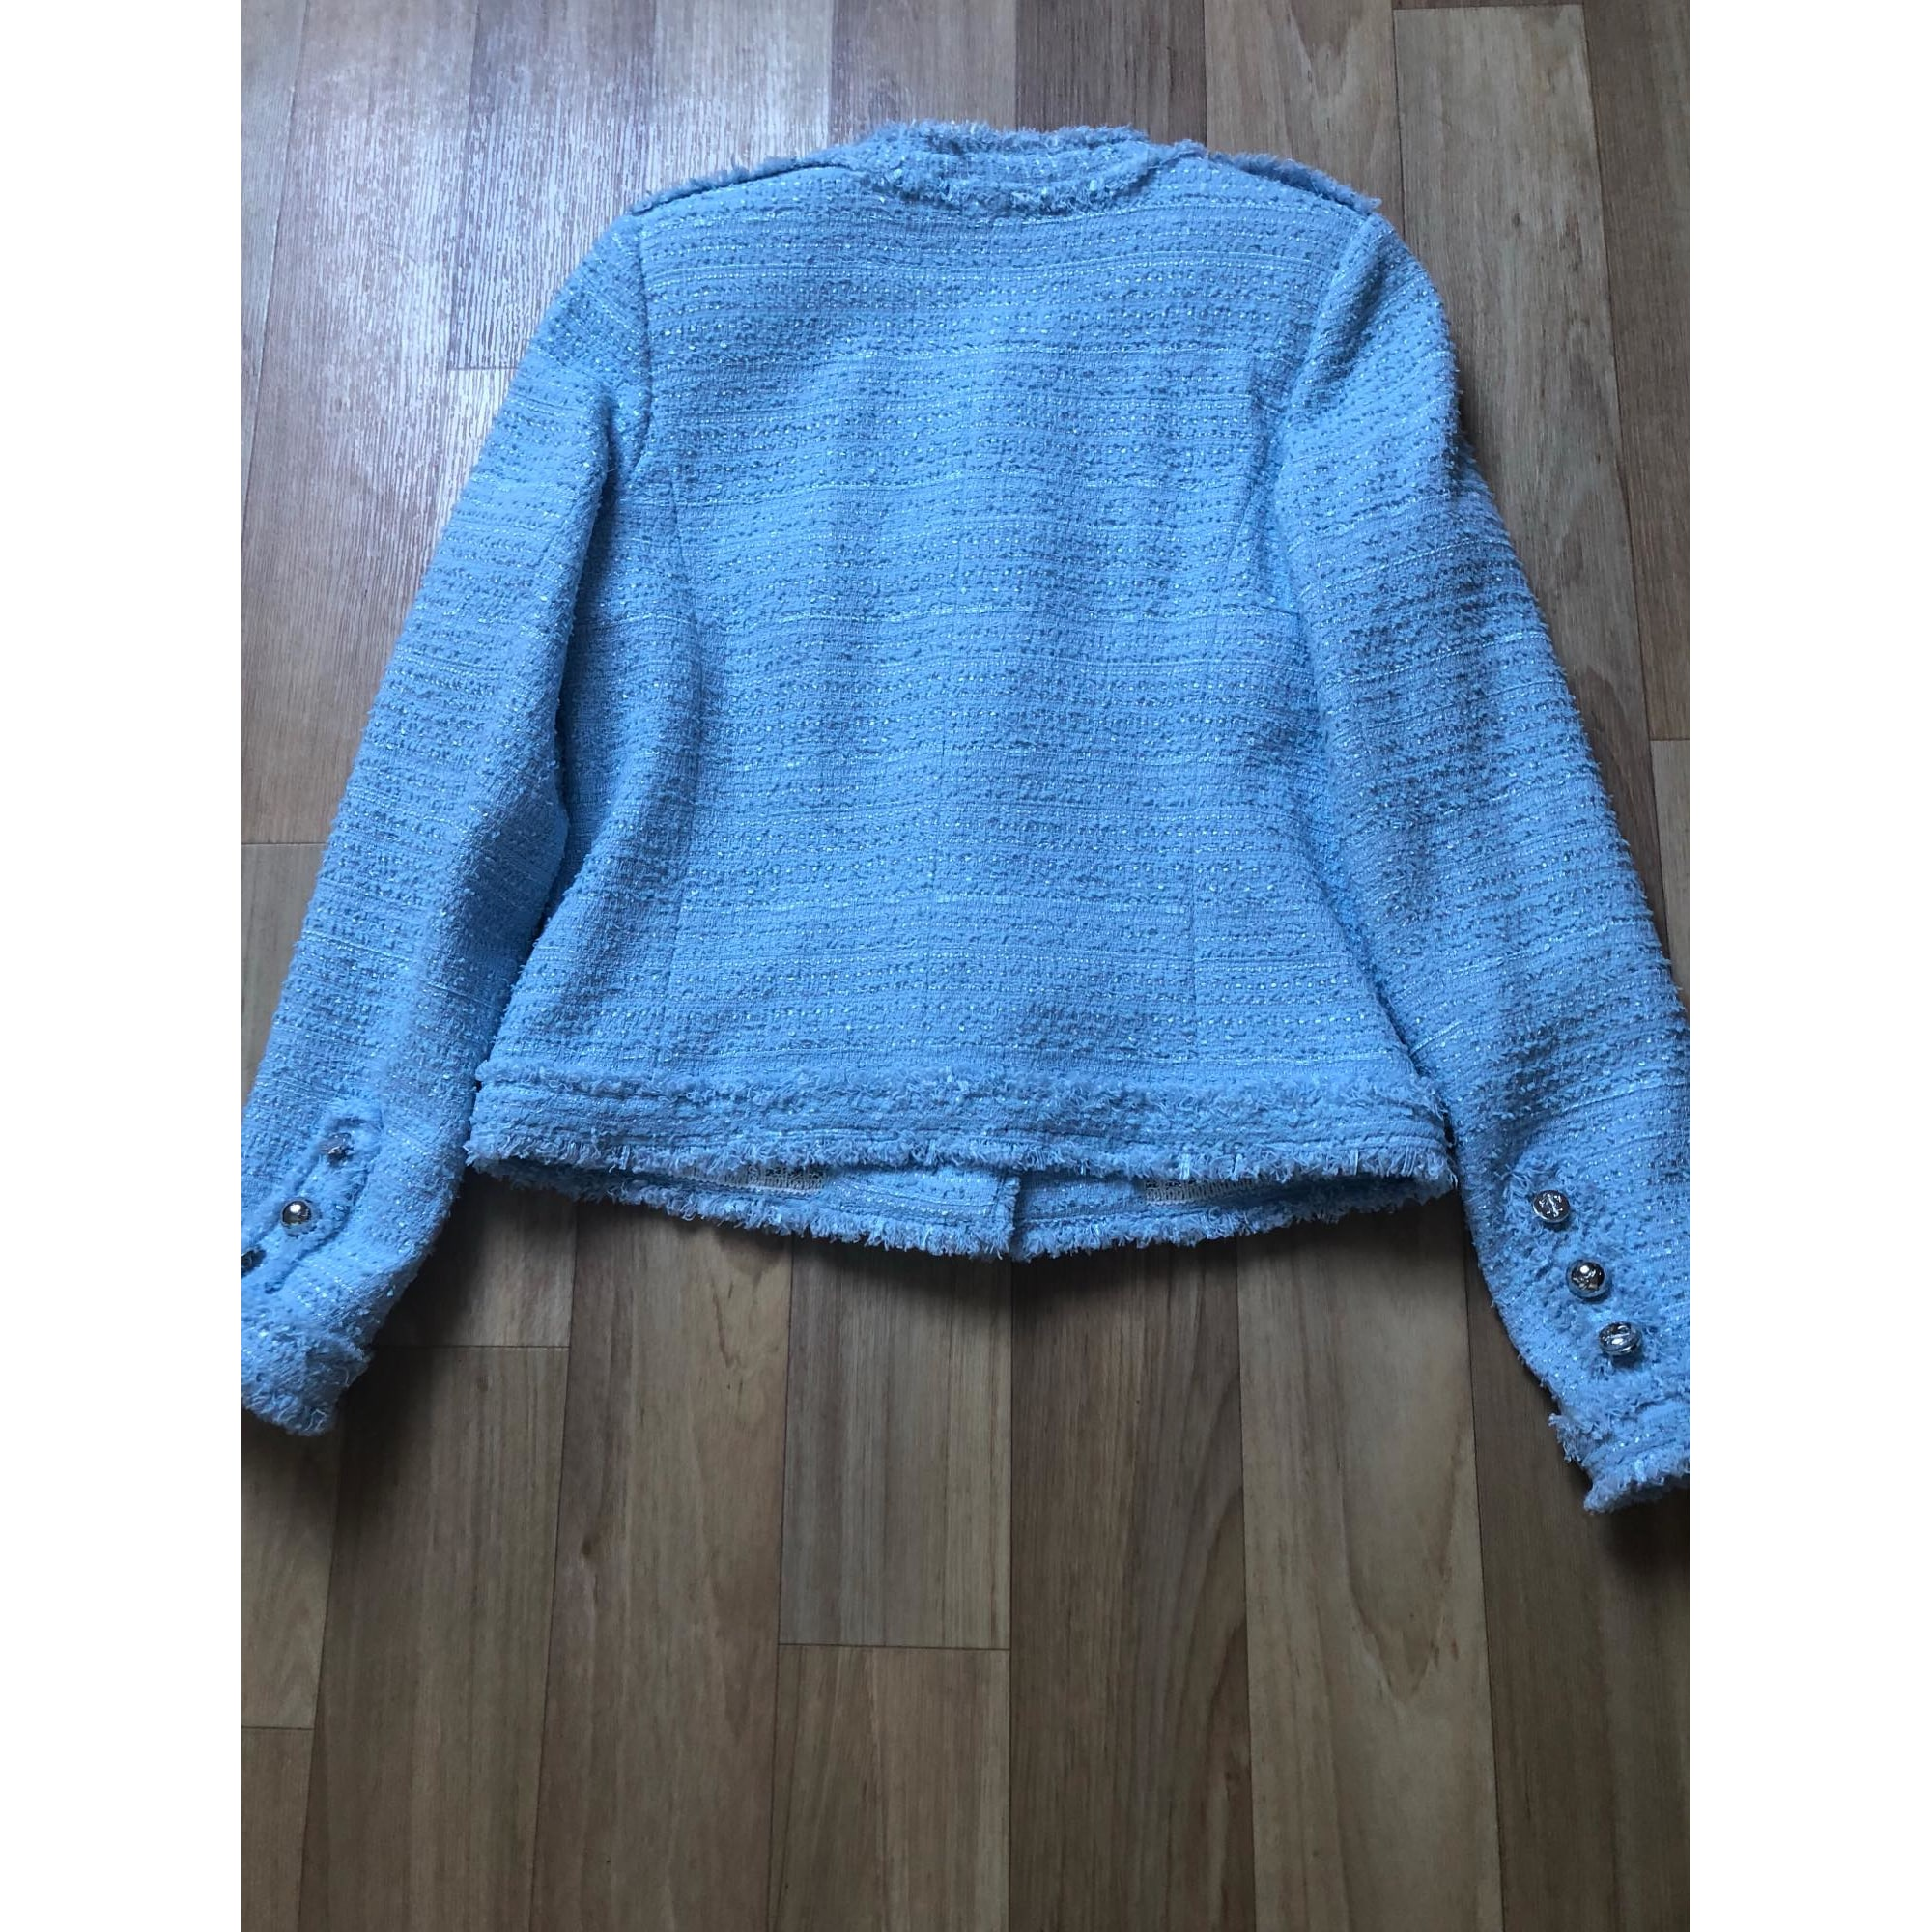 Veste WEILL Bleu, bleu marine, bleu turquoise